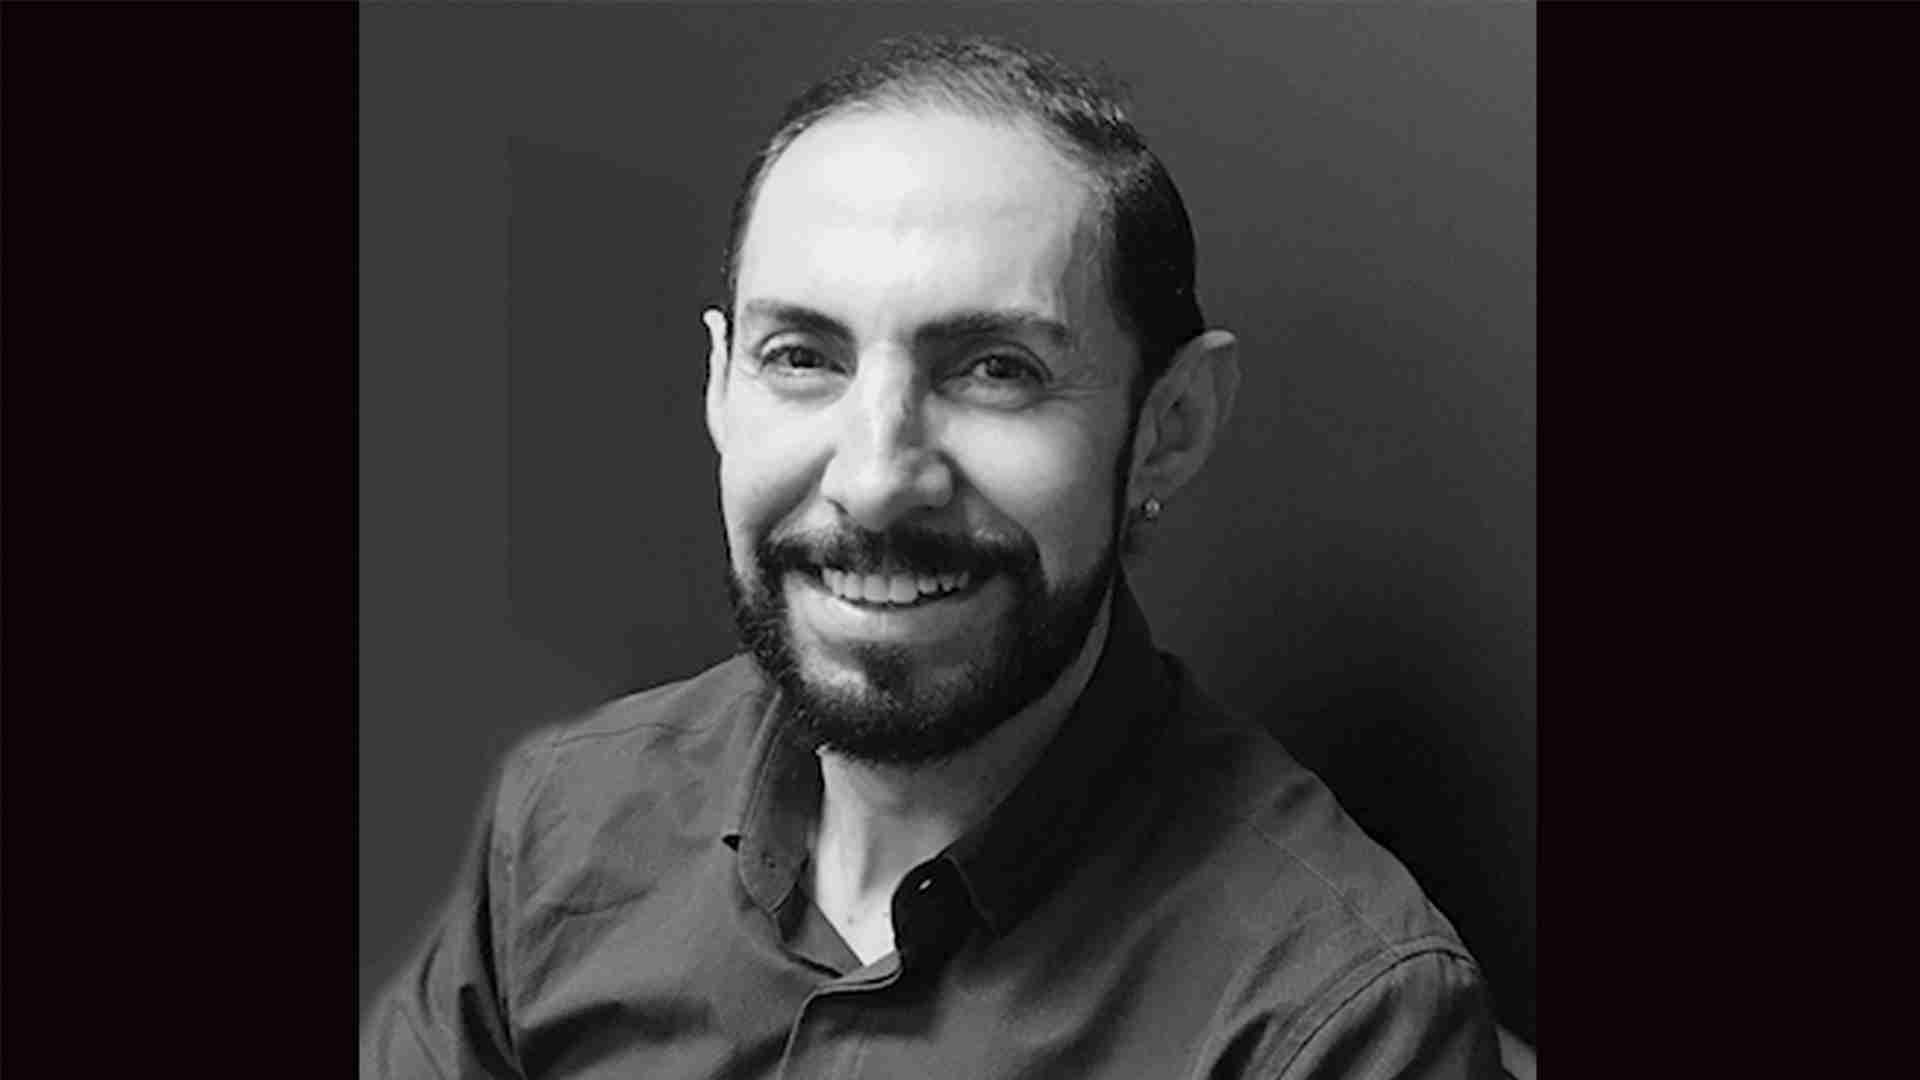 El catador es portavoz amistoso de la calidad del café: Héctor García Jiménez